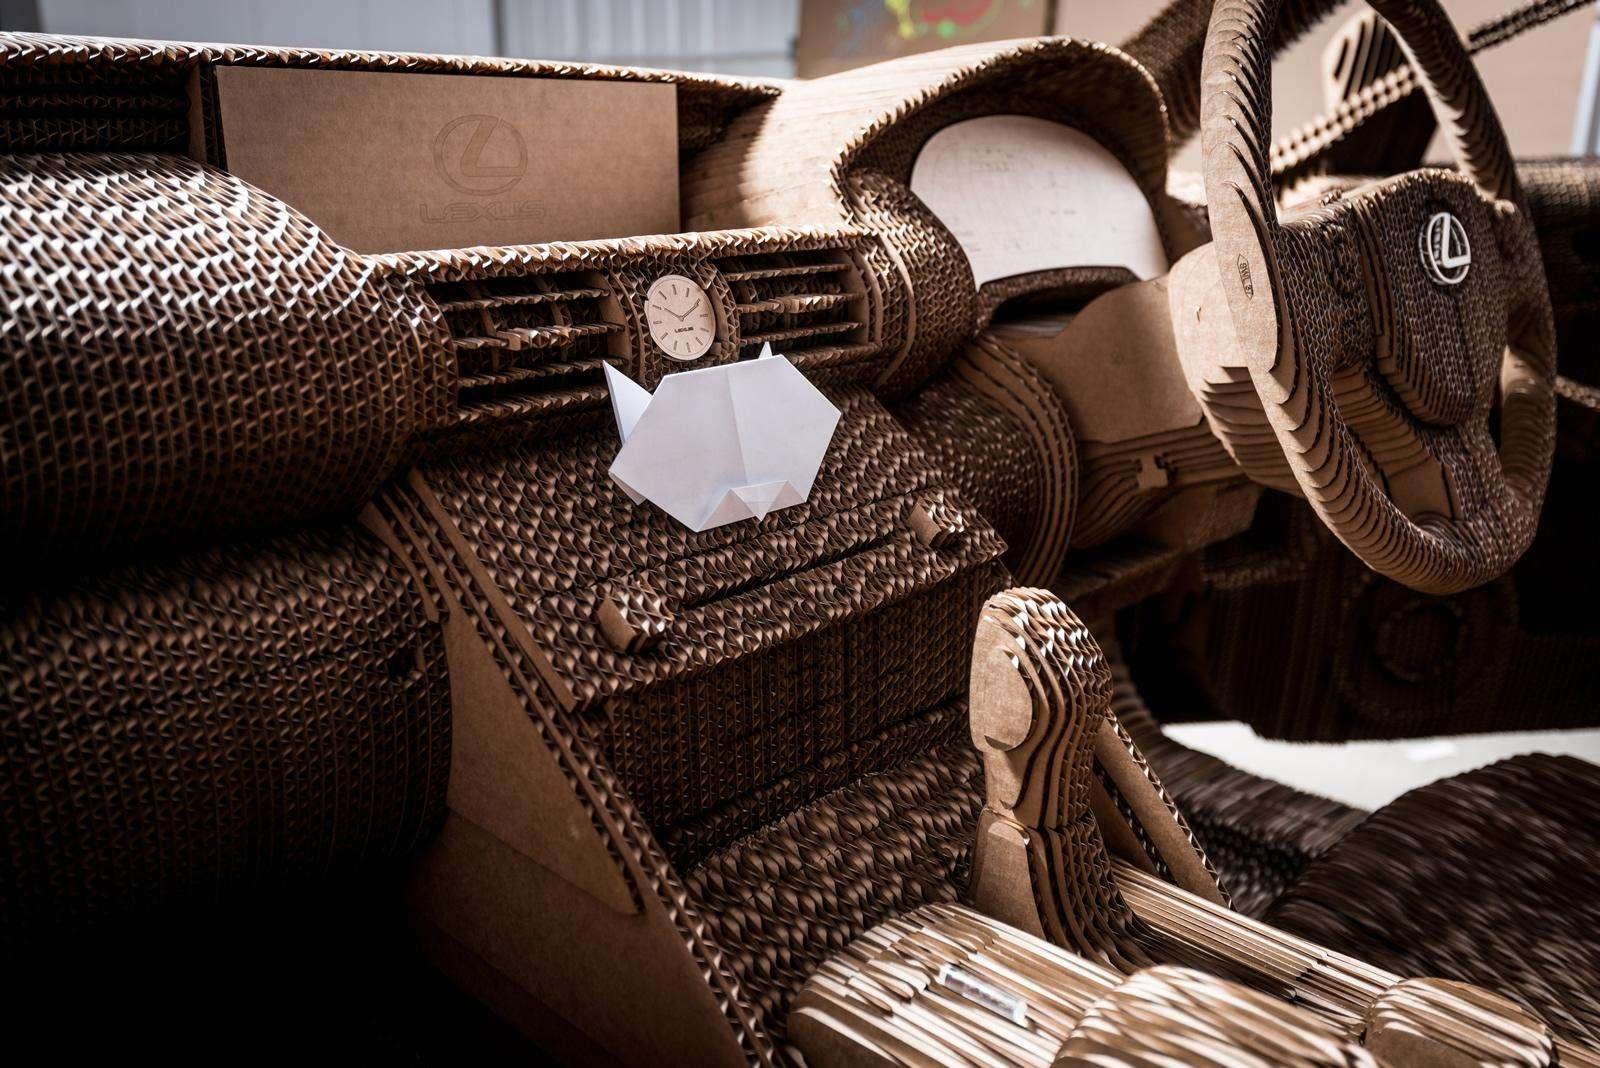 [Image: S0-Lexus-devoile-une-IS-roulante-en-carton-363729.jpg]